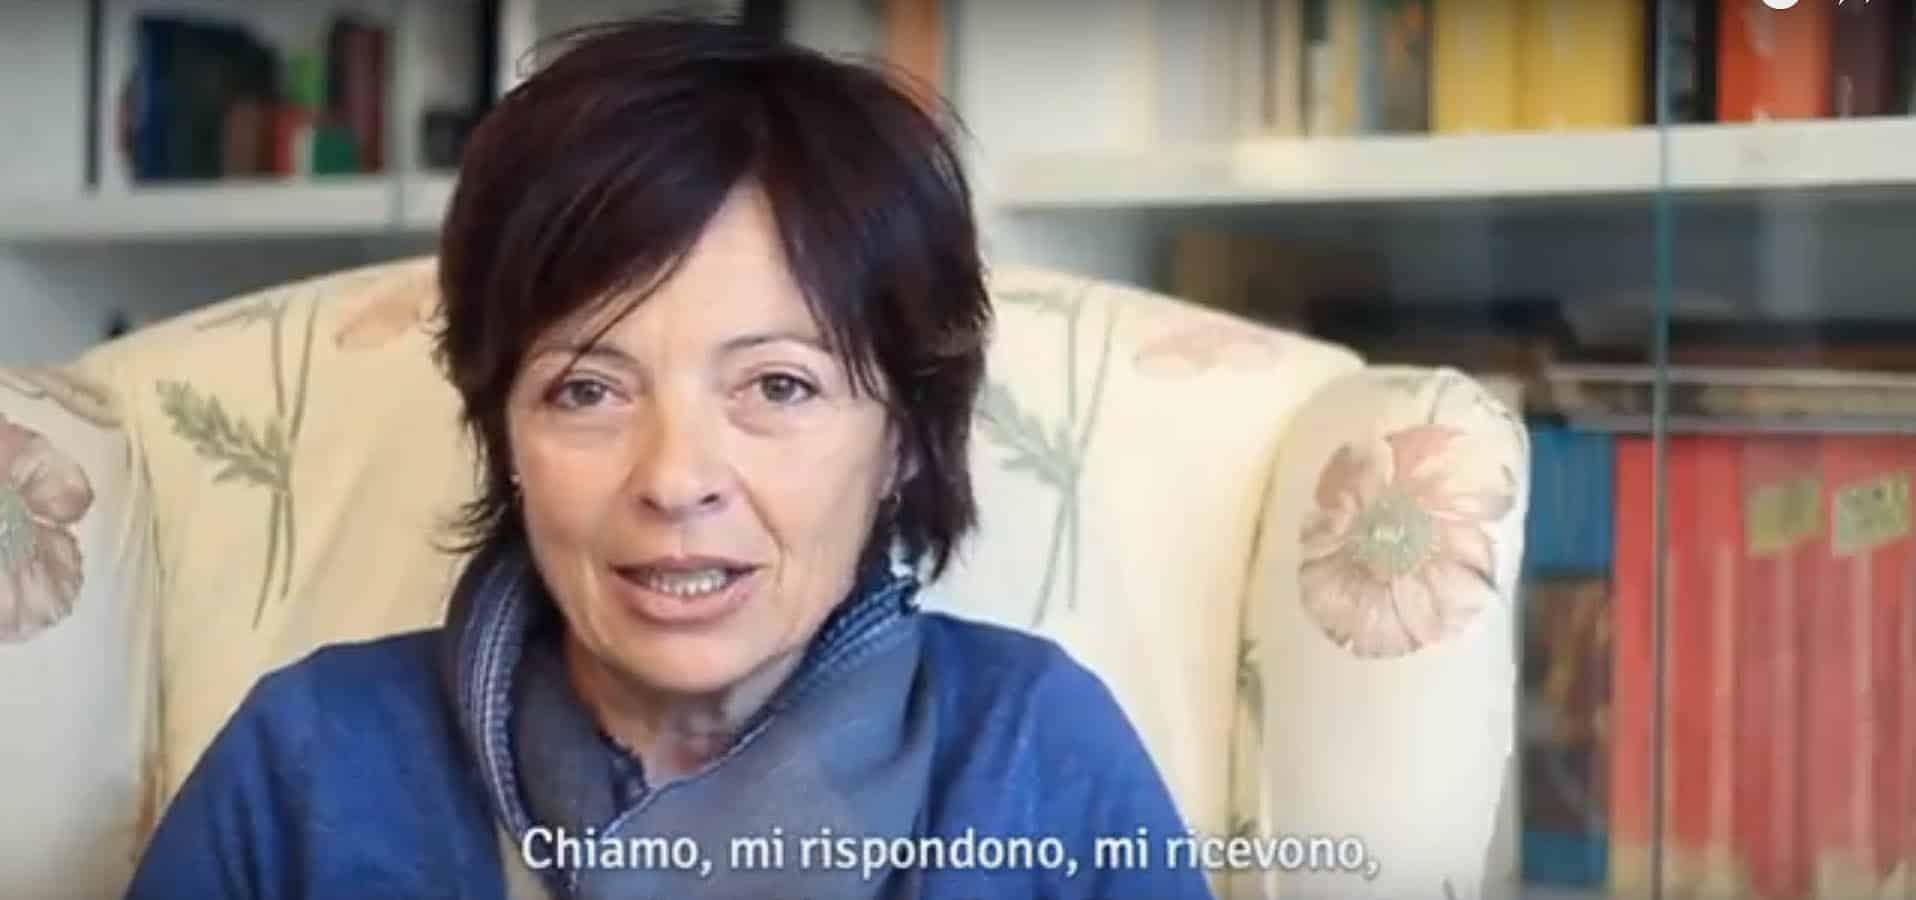 La storia di Rita